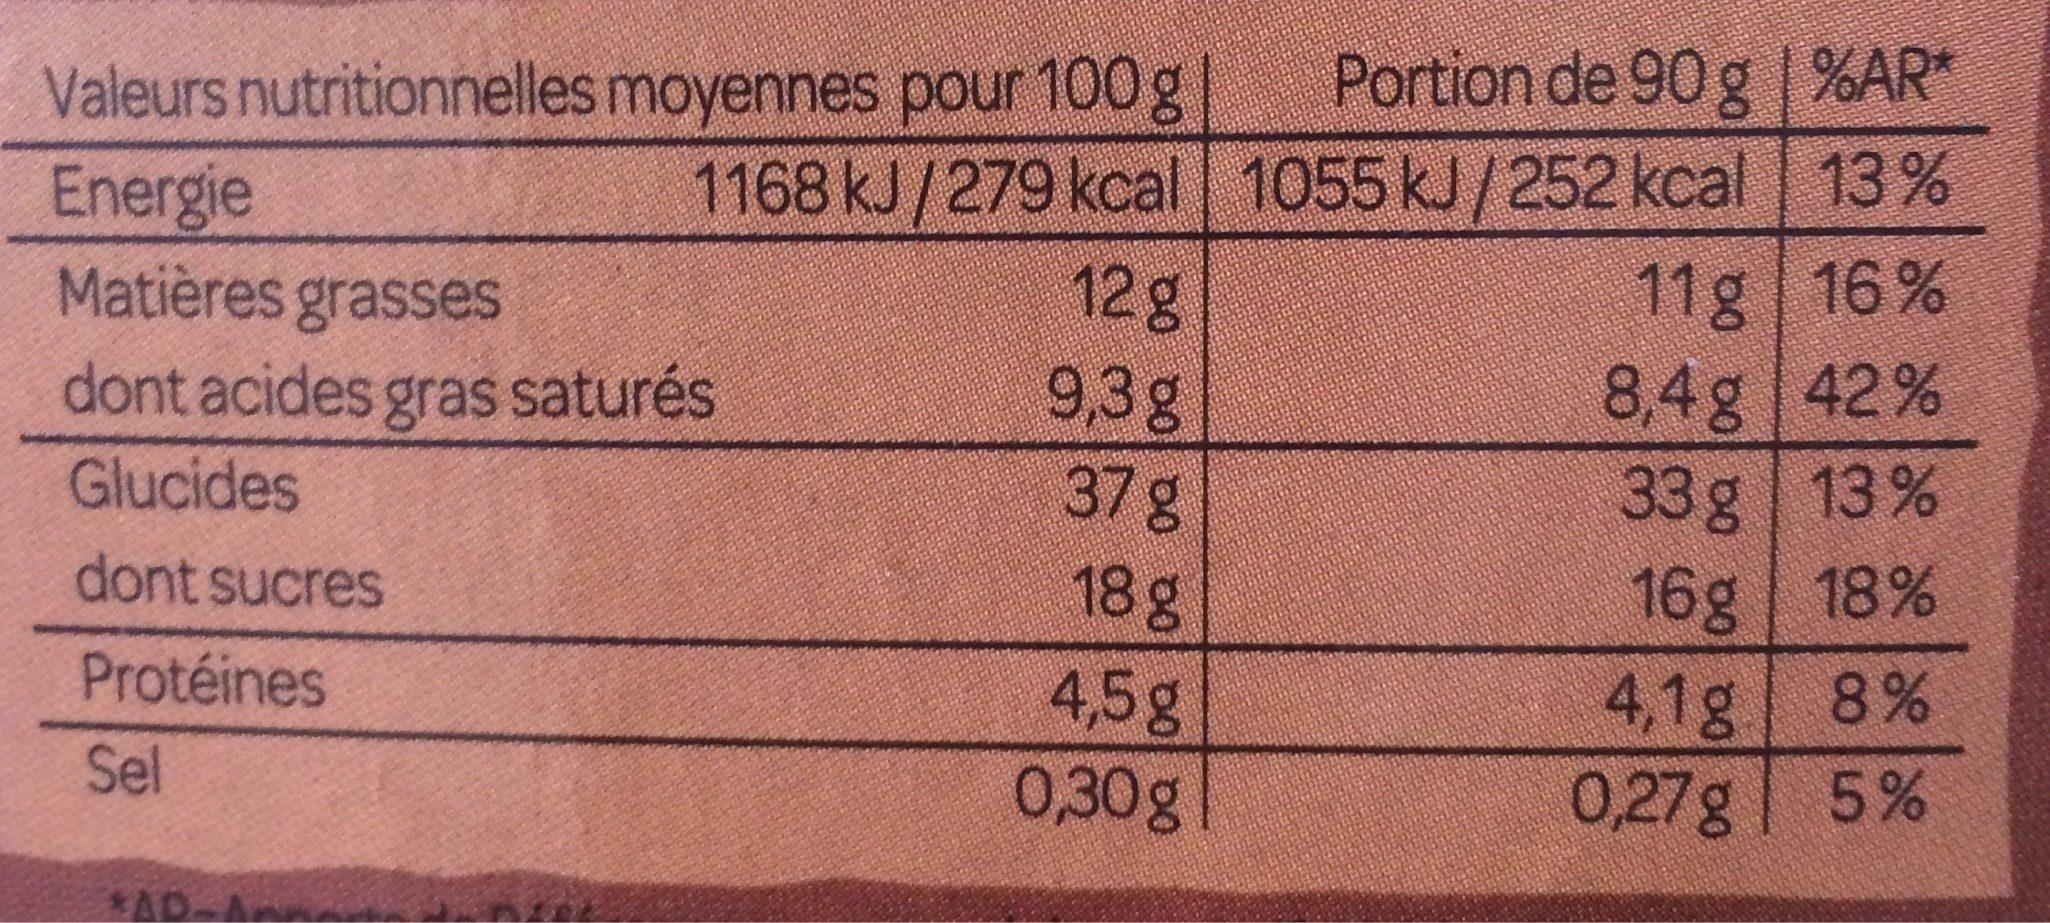 Profiteroles, Sauce au Chocolat Noir - Informations nutritionnelles - fr